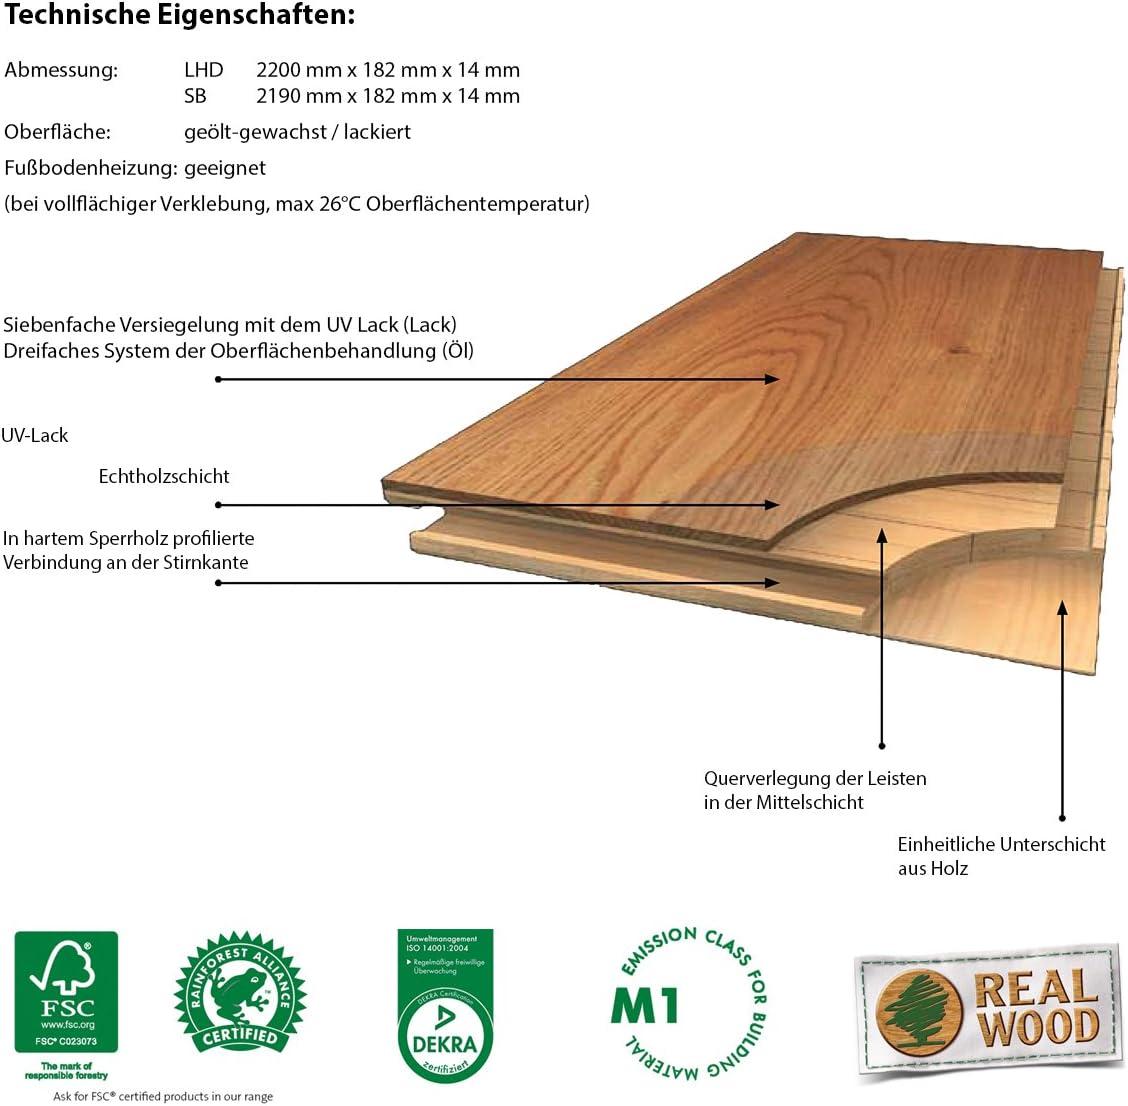 3,189m/²//Pack Parat 15 eur Kirsche Trend SB lack.14mm 2190x182x14mm 3-Stab LOC5G 3-Schicht Mattlack 160,85 /€ pro Verpackungseinheit 50,44 /€ // m/²